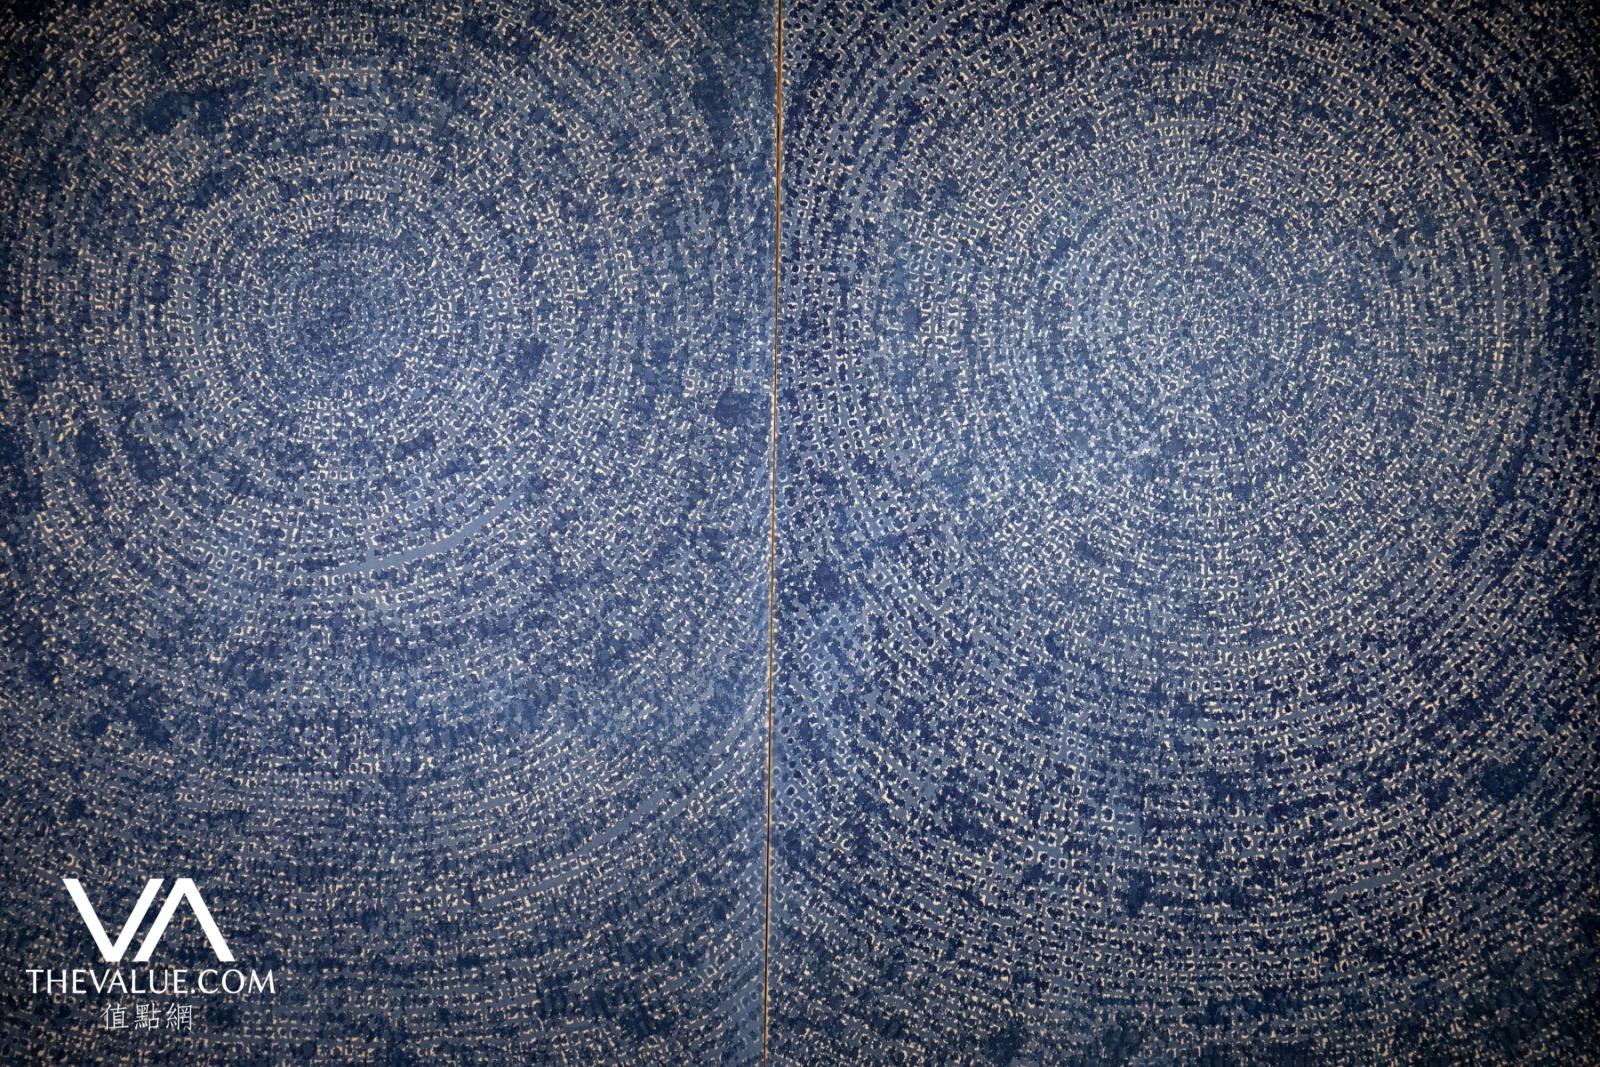 Bức Vũ trụ của Kim Hwan Gi. Ảnh: TheValue.